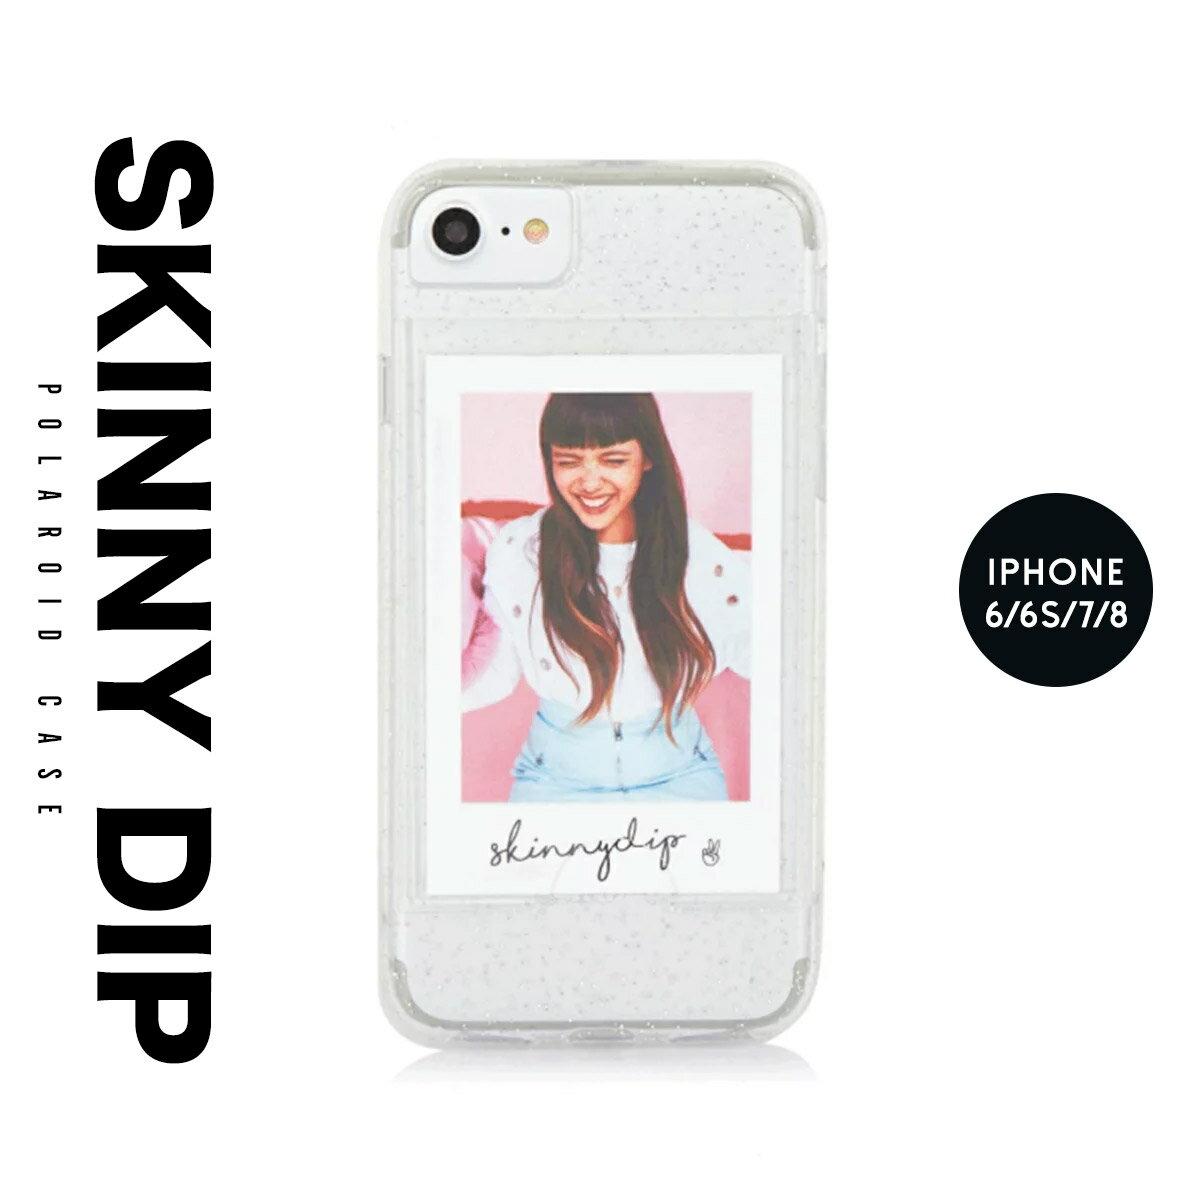 iPhone8 iPhone7 iPhone6 6s アイフォン カバー ケース skinnydip スキニーディップ ポラロイド 写真 スマートフォン スマホ メール便 送料無料